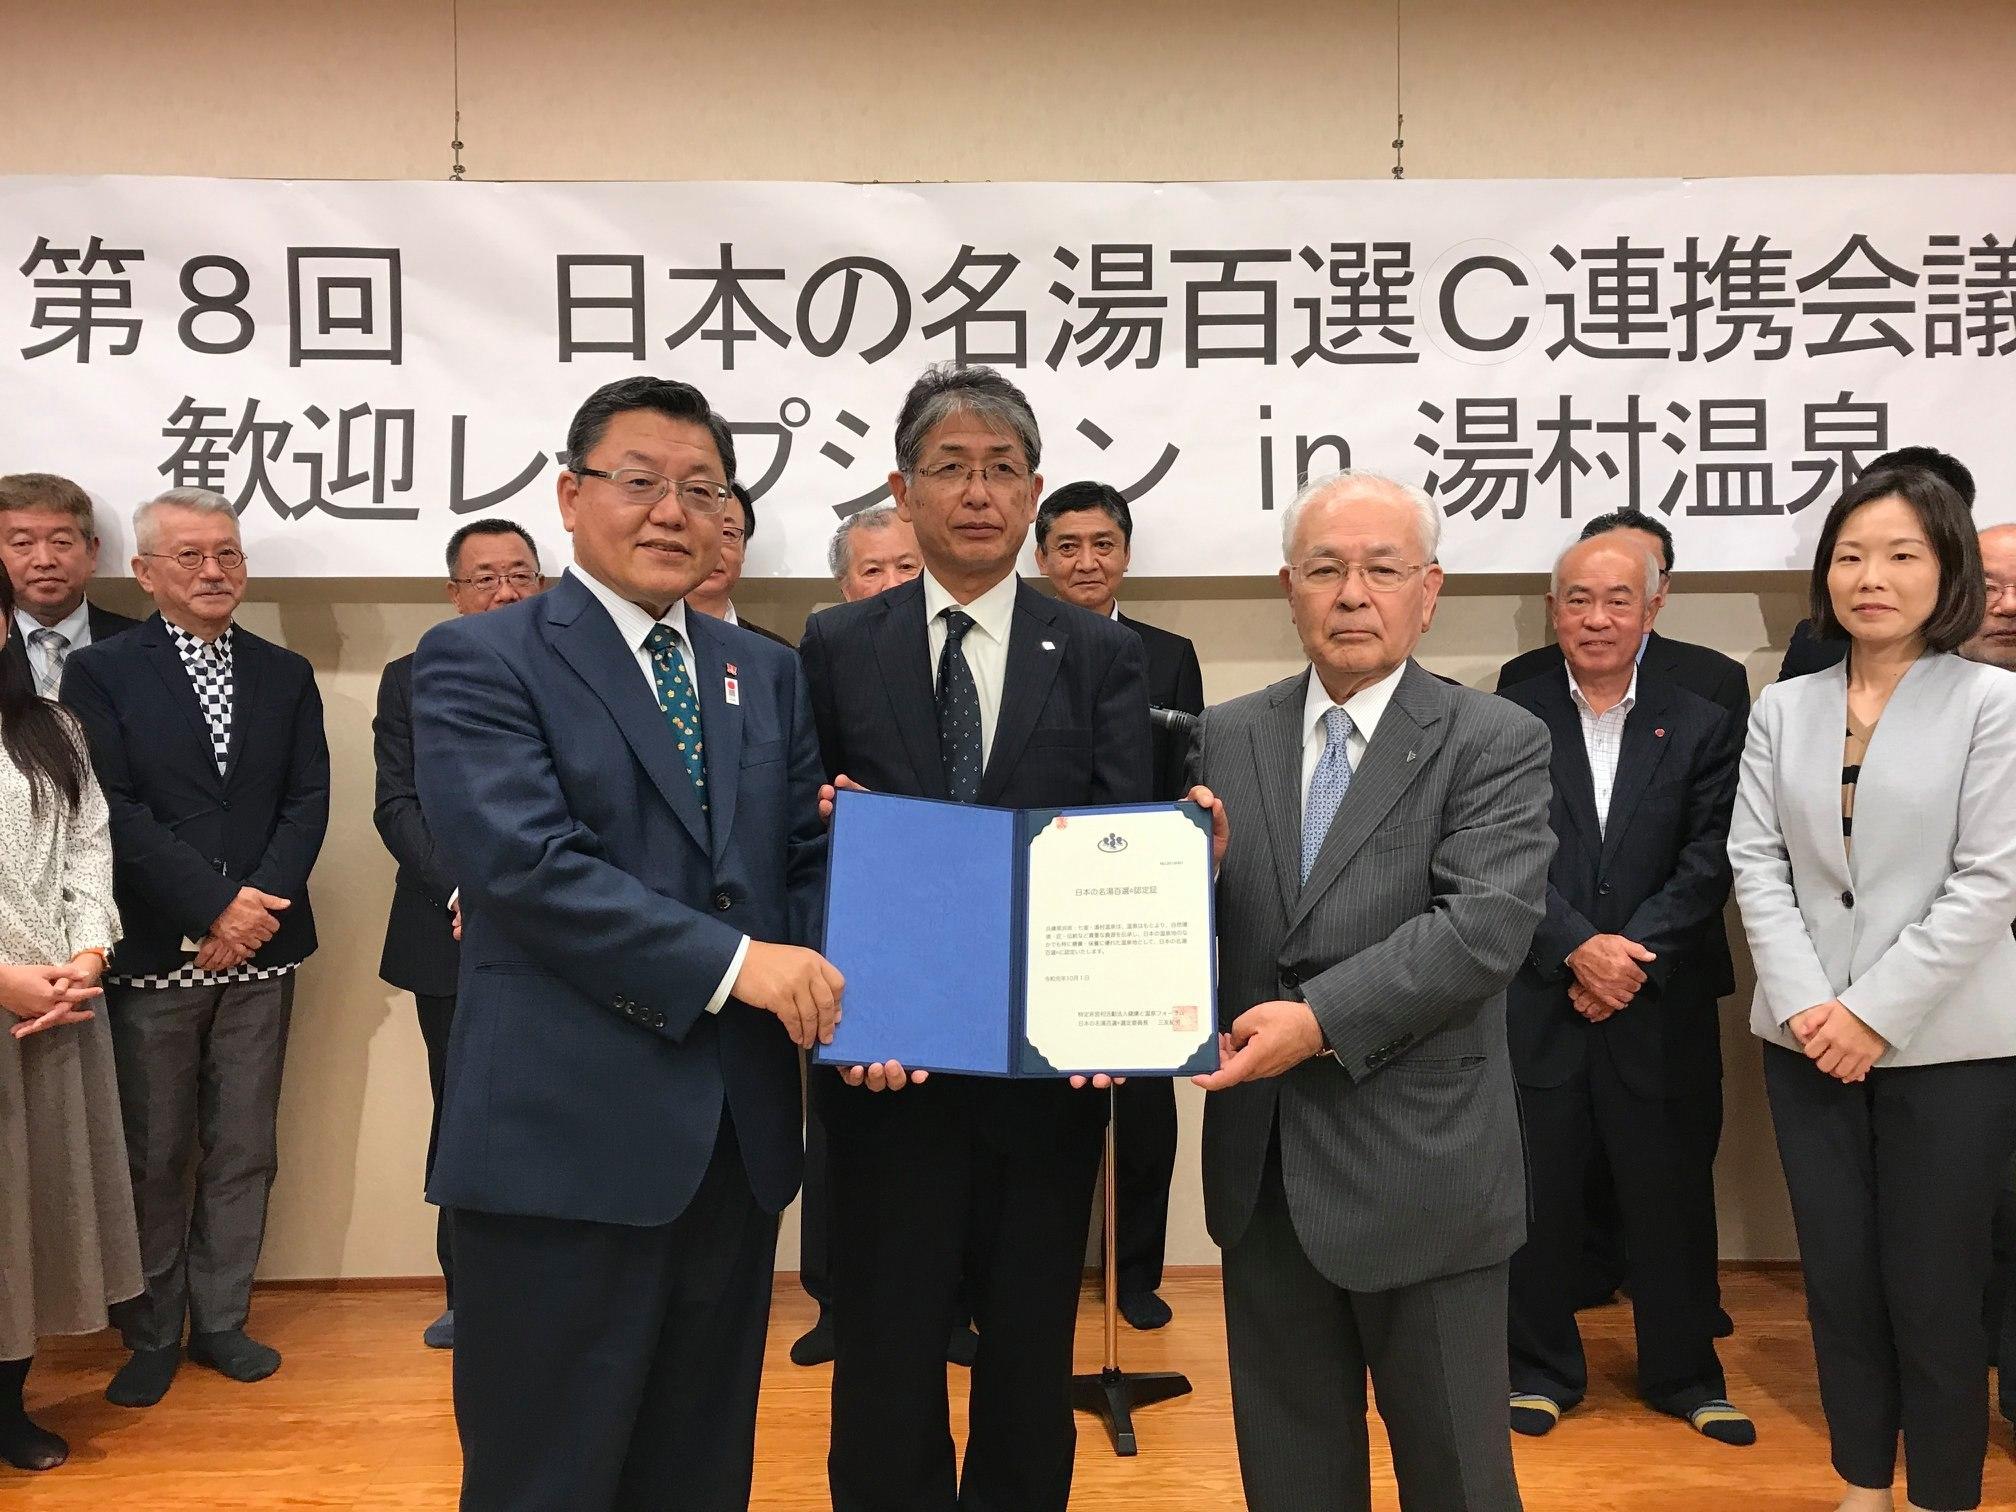 【 本日発表の「温泉総選挙2019」で、湯村温泉が環境大臣賞を受賞しました 】_f0112434_12404247.jpg